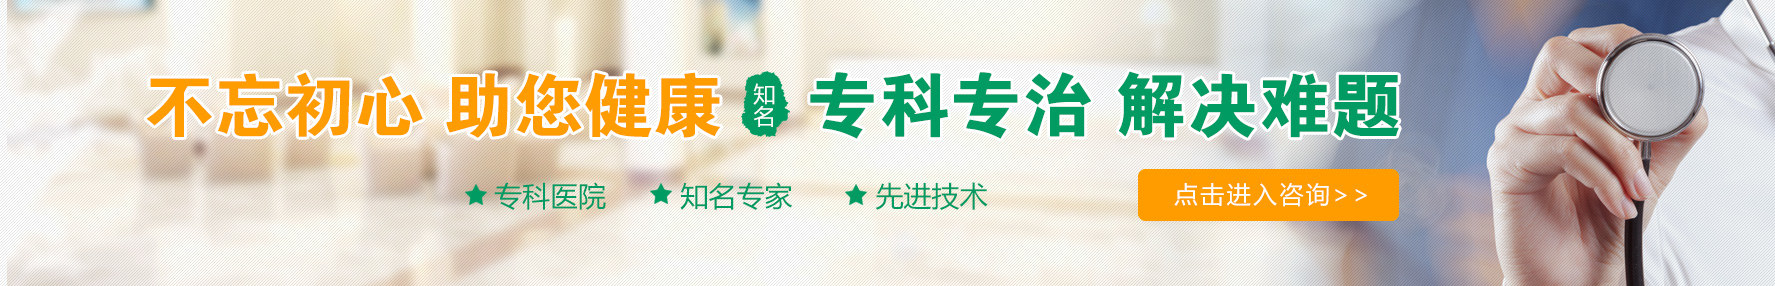 北京整牙齿好的在线视频偷国产精品